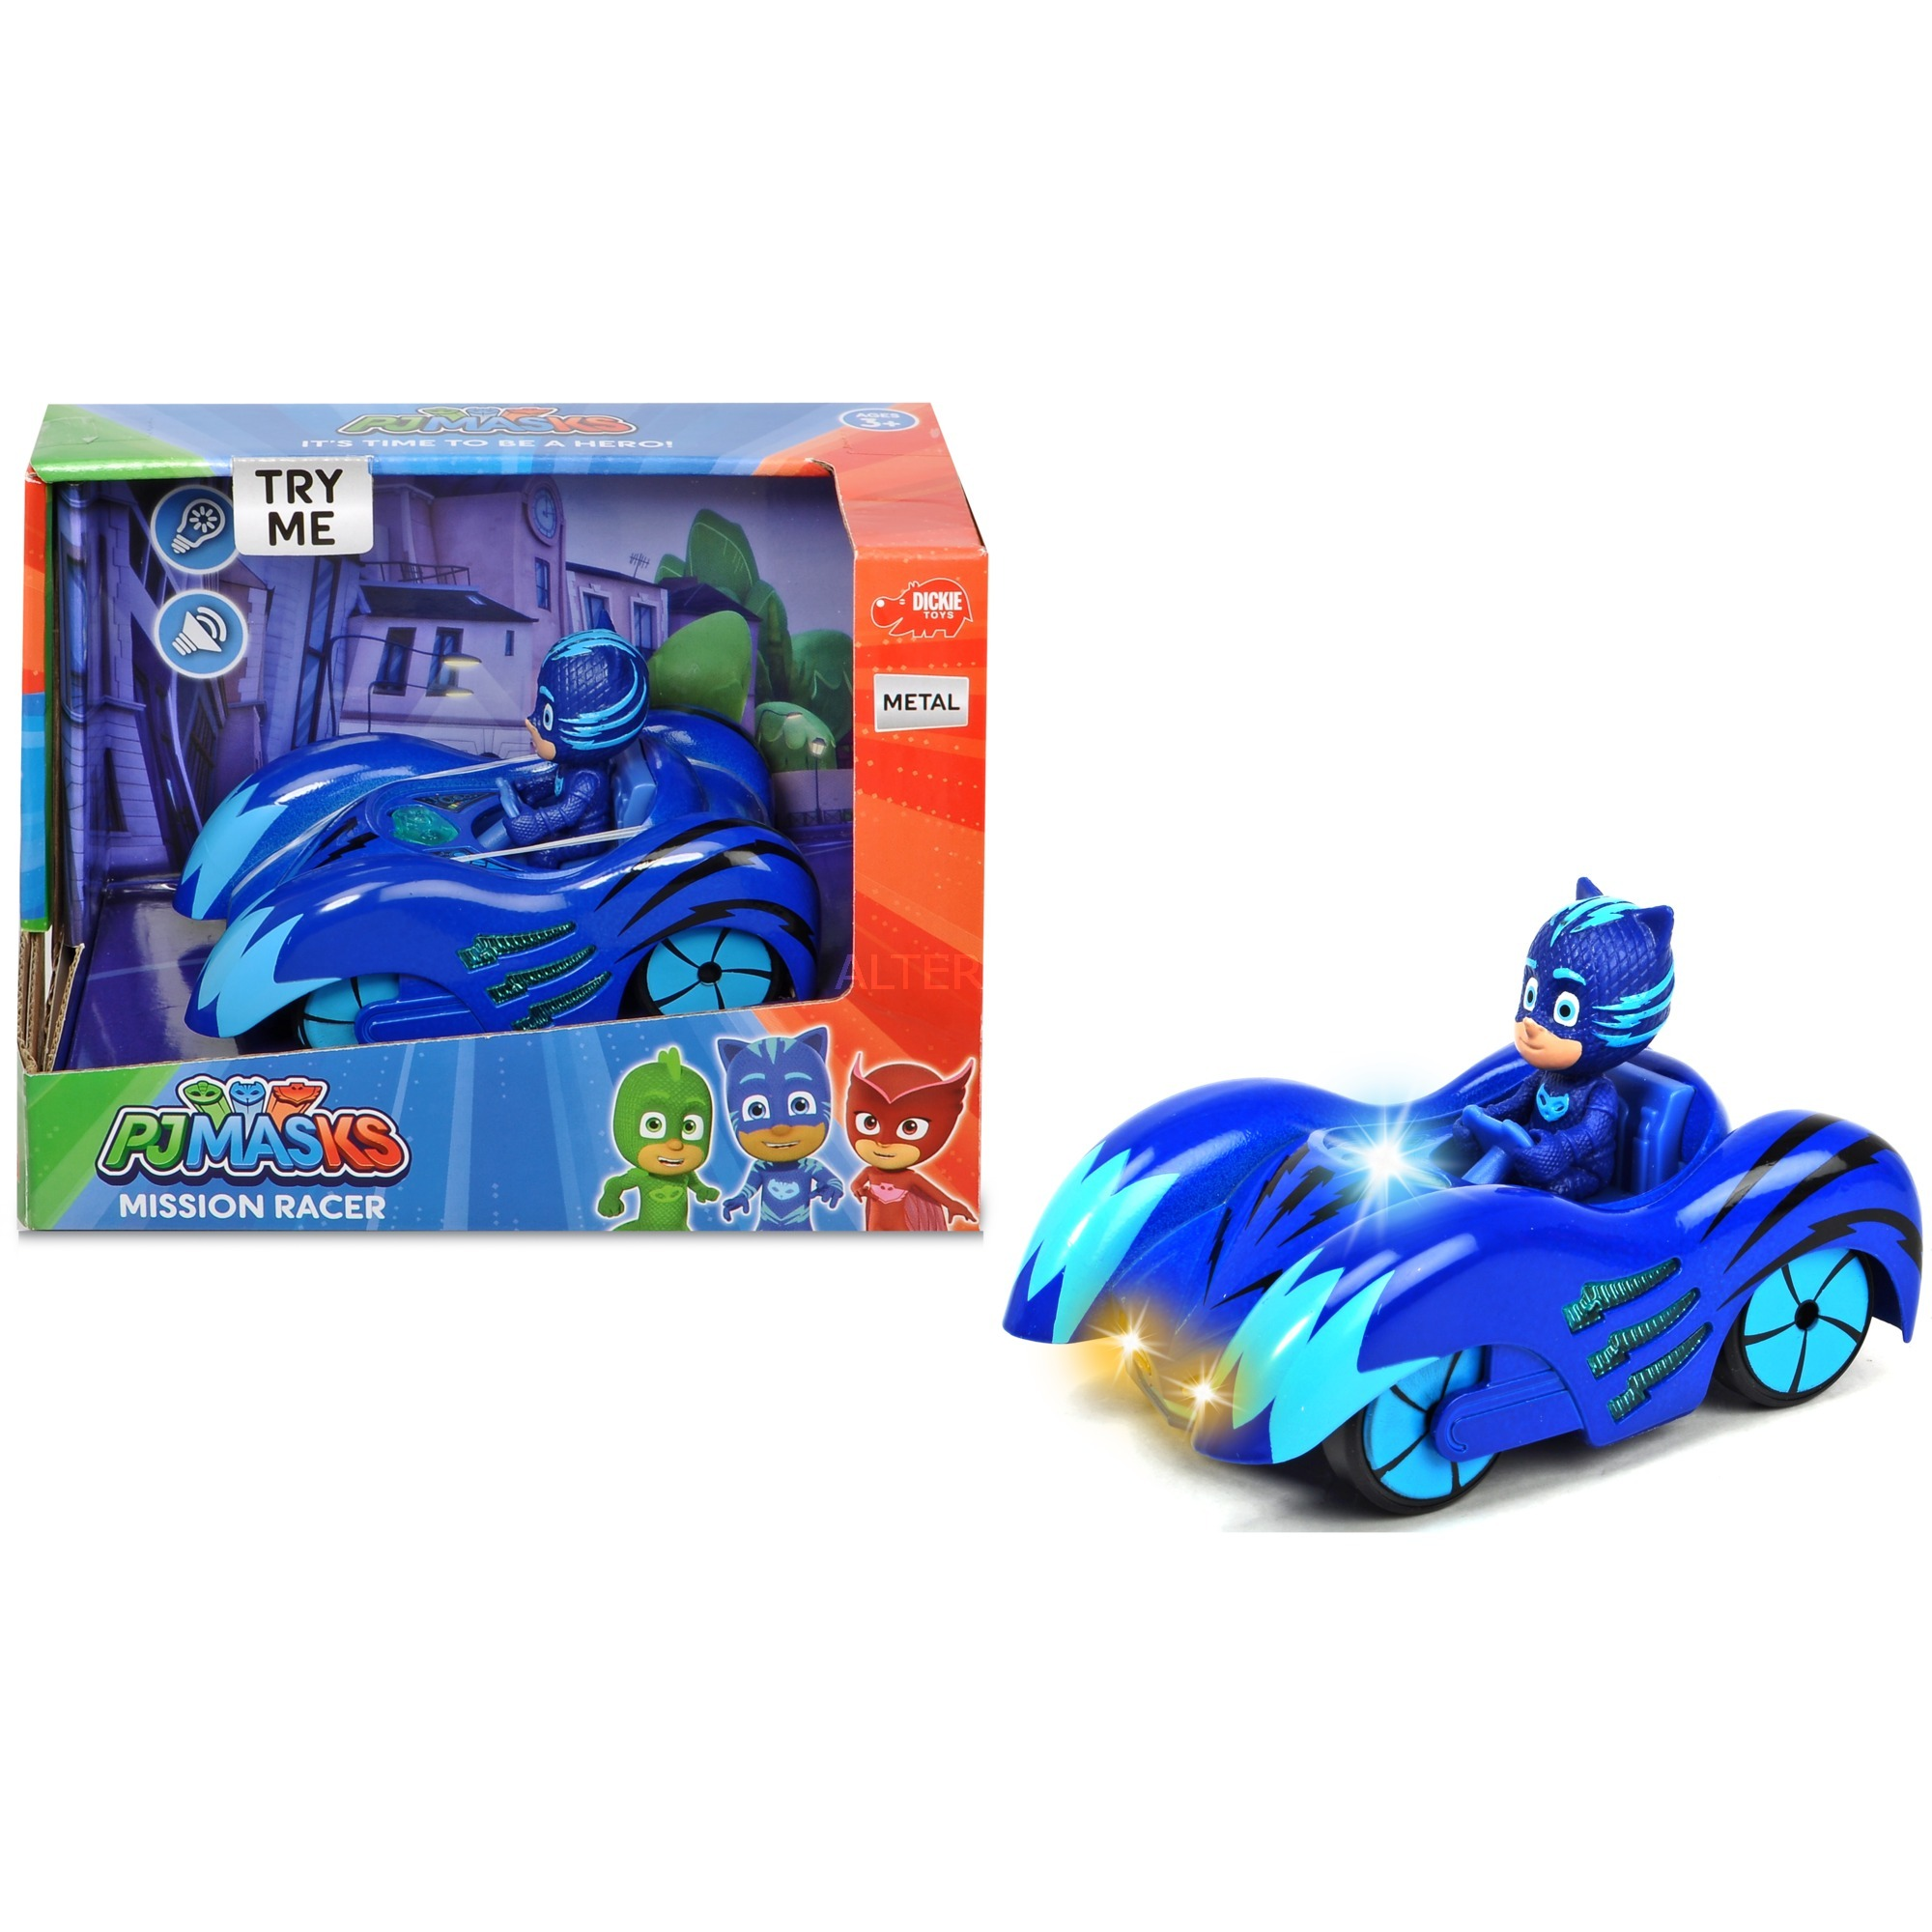 203142000, Vehículo de juguete